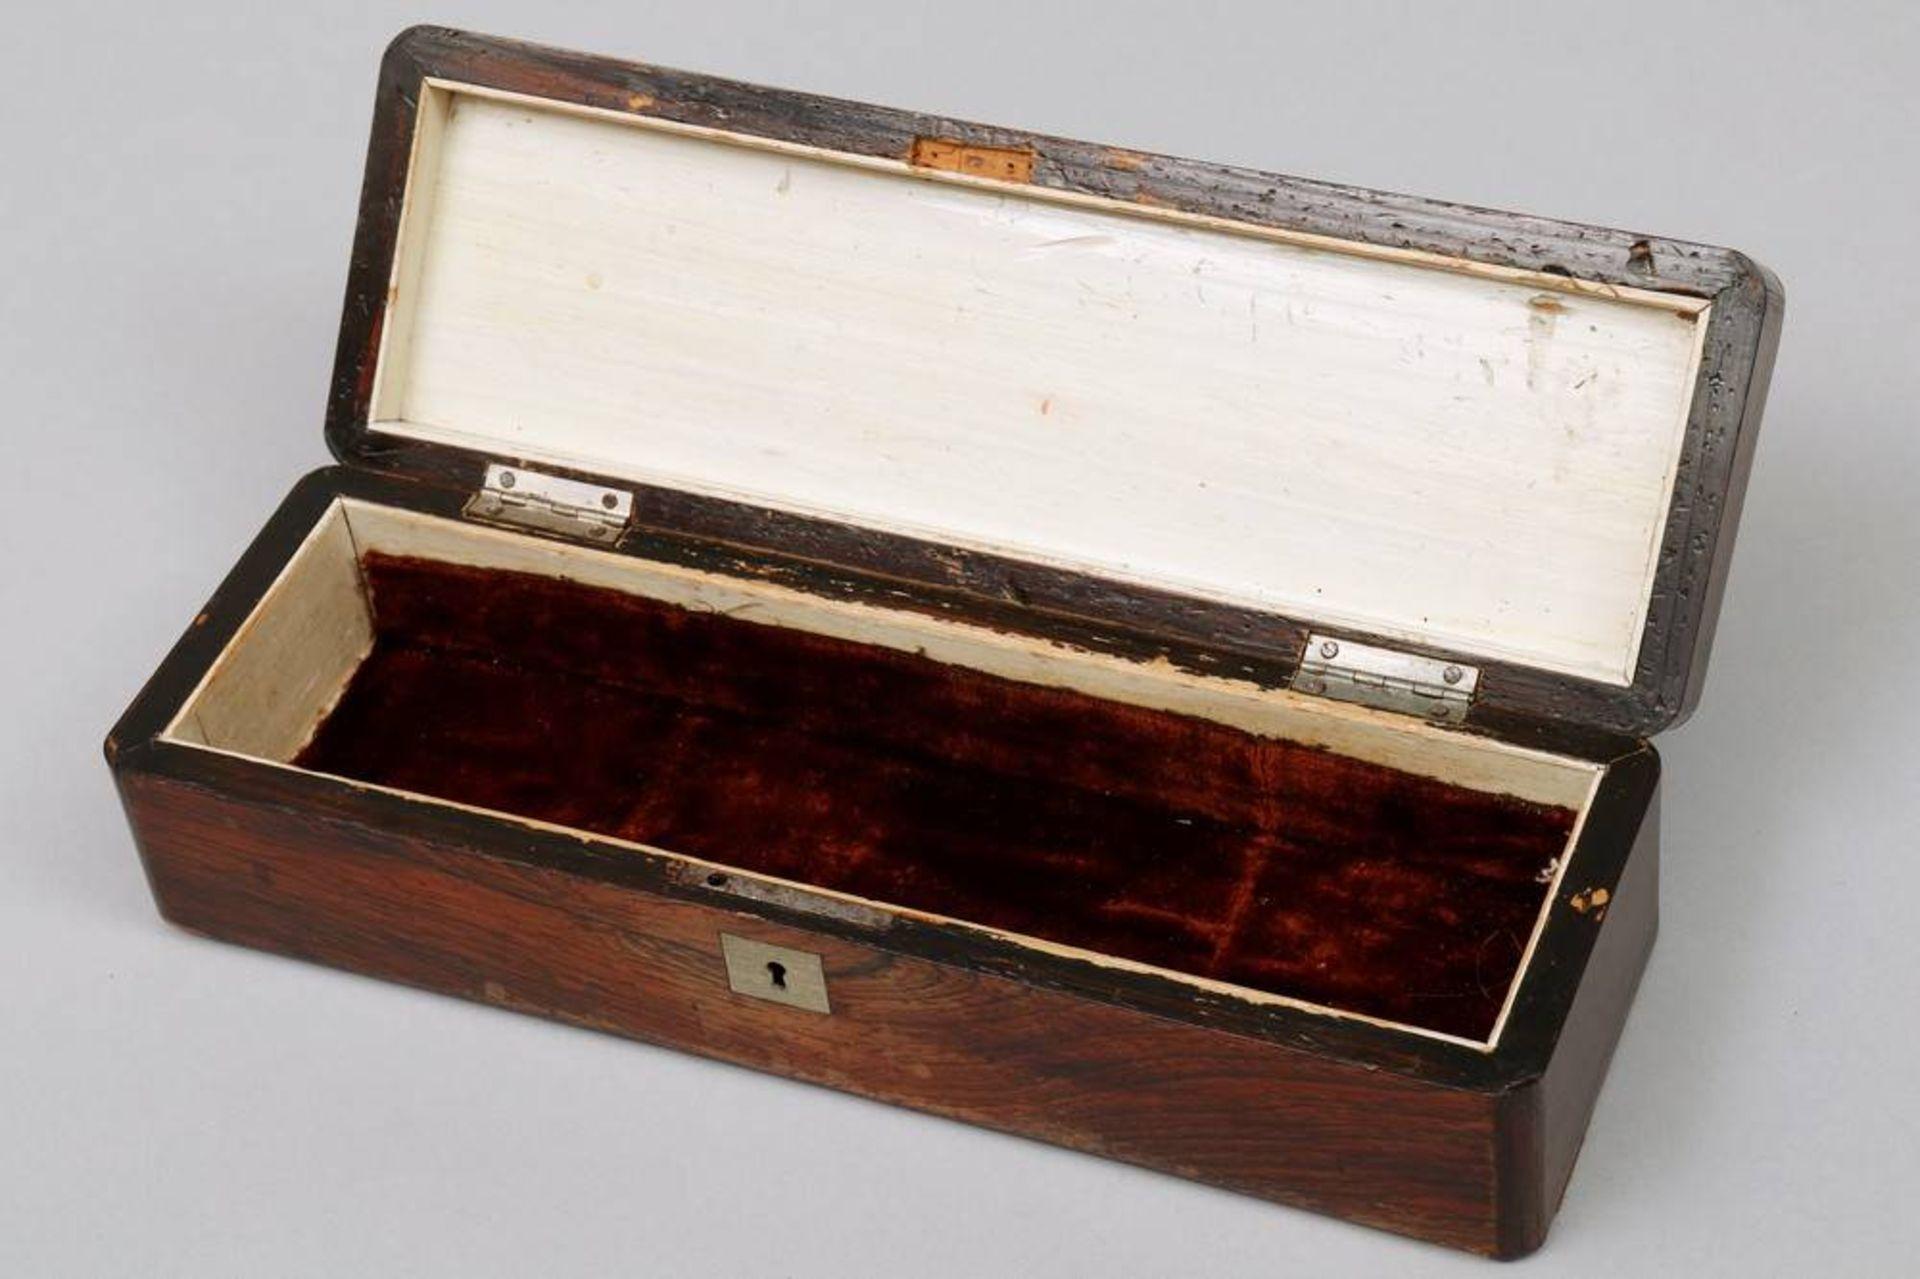 Holzschatulle, wohl deutsch, um 1900 - Bild 5 aus 5